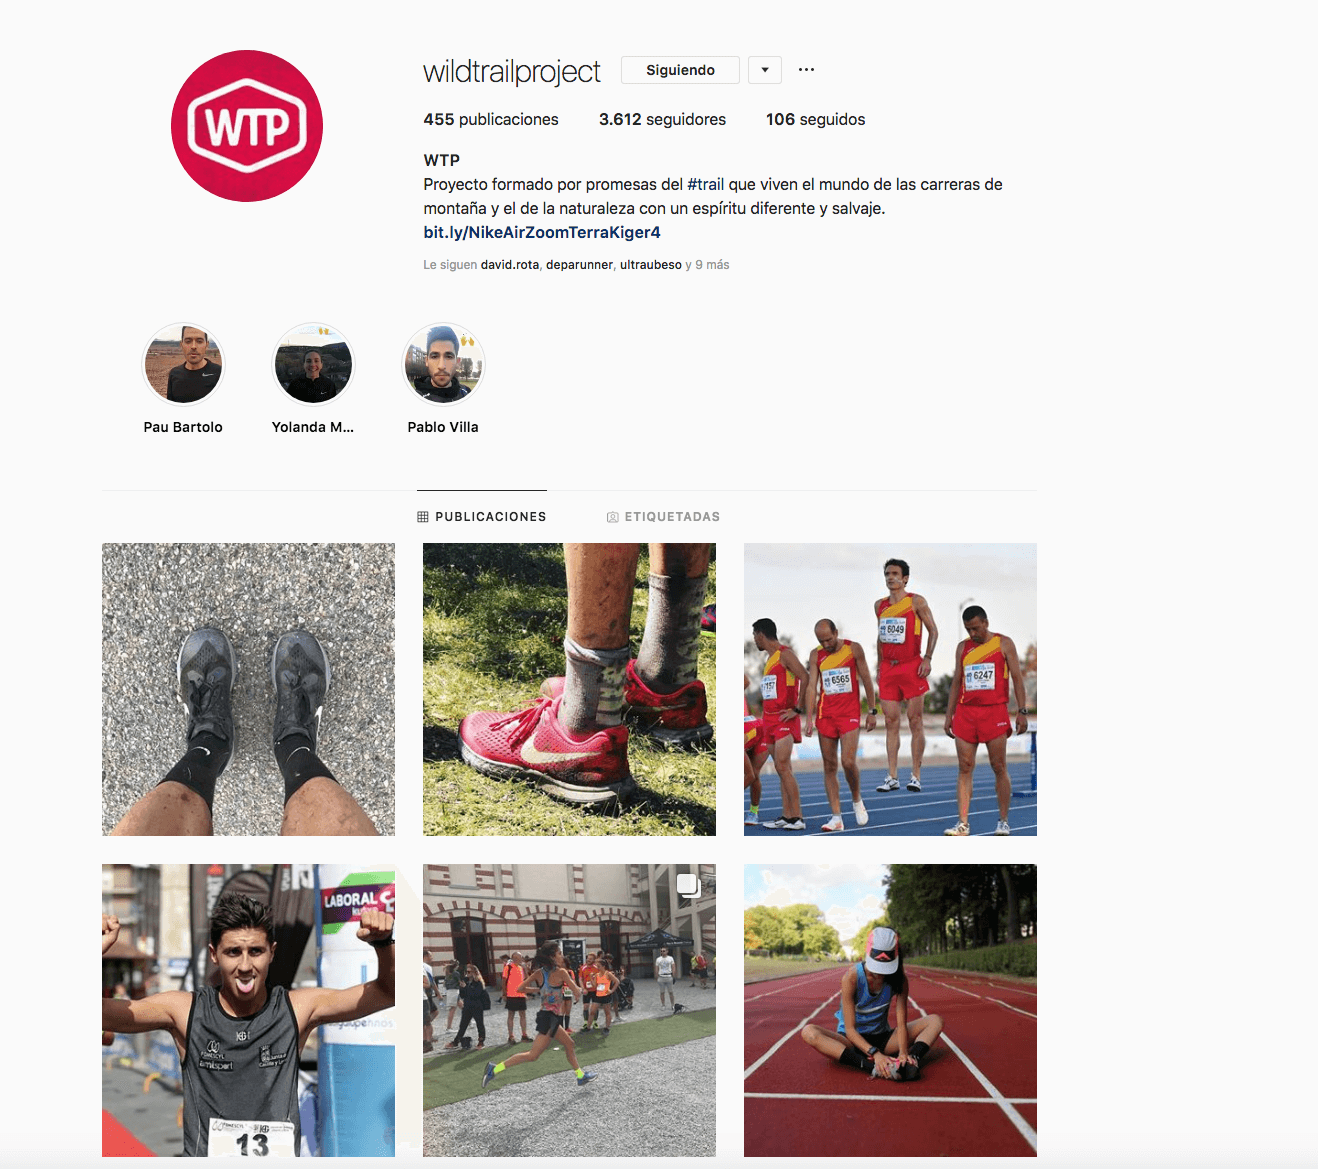 haz tu instagram llamativo como el de wtp